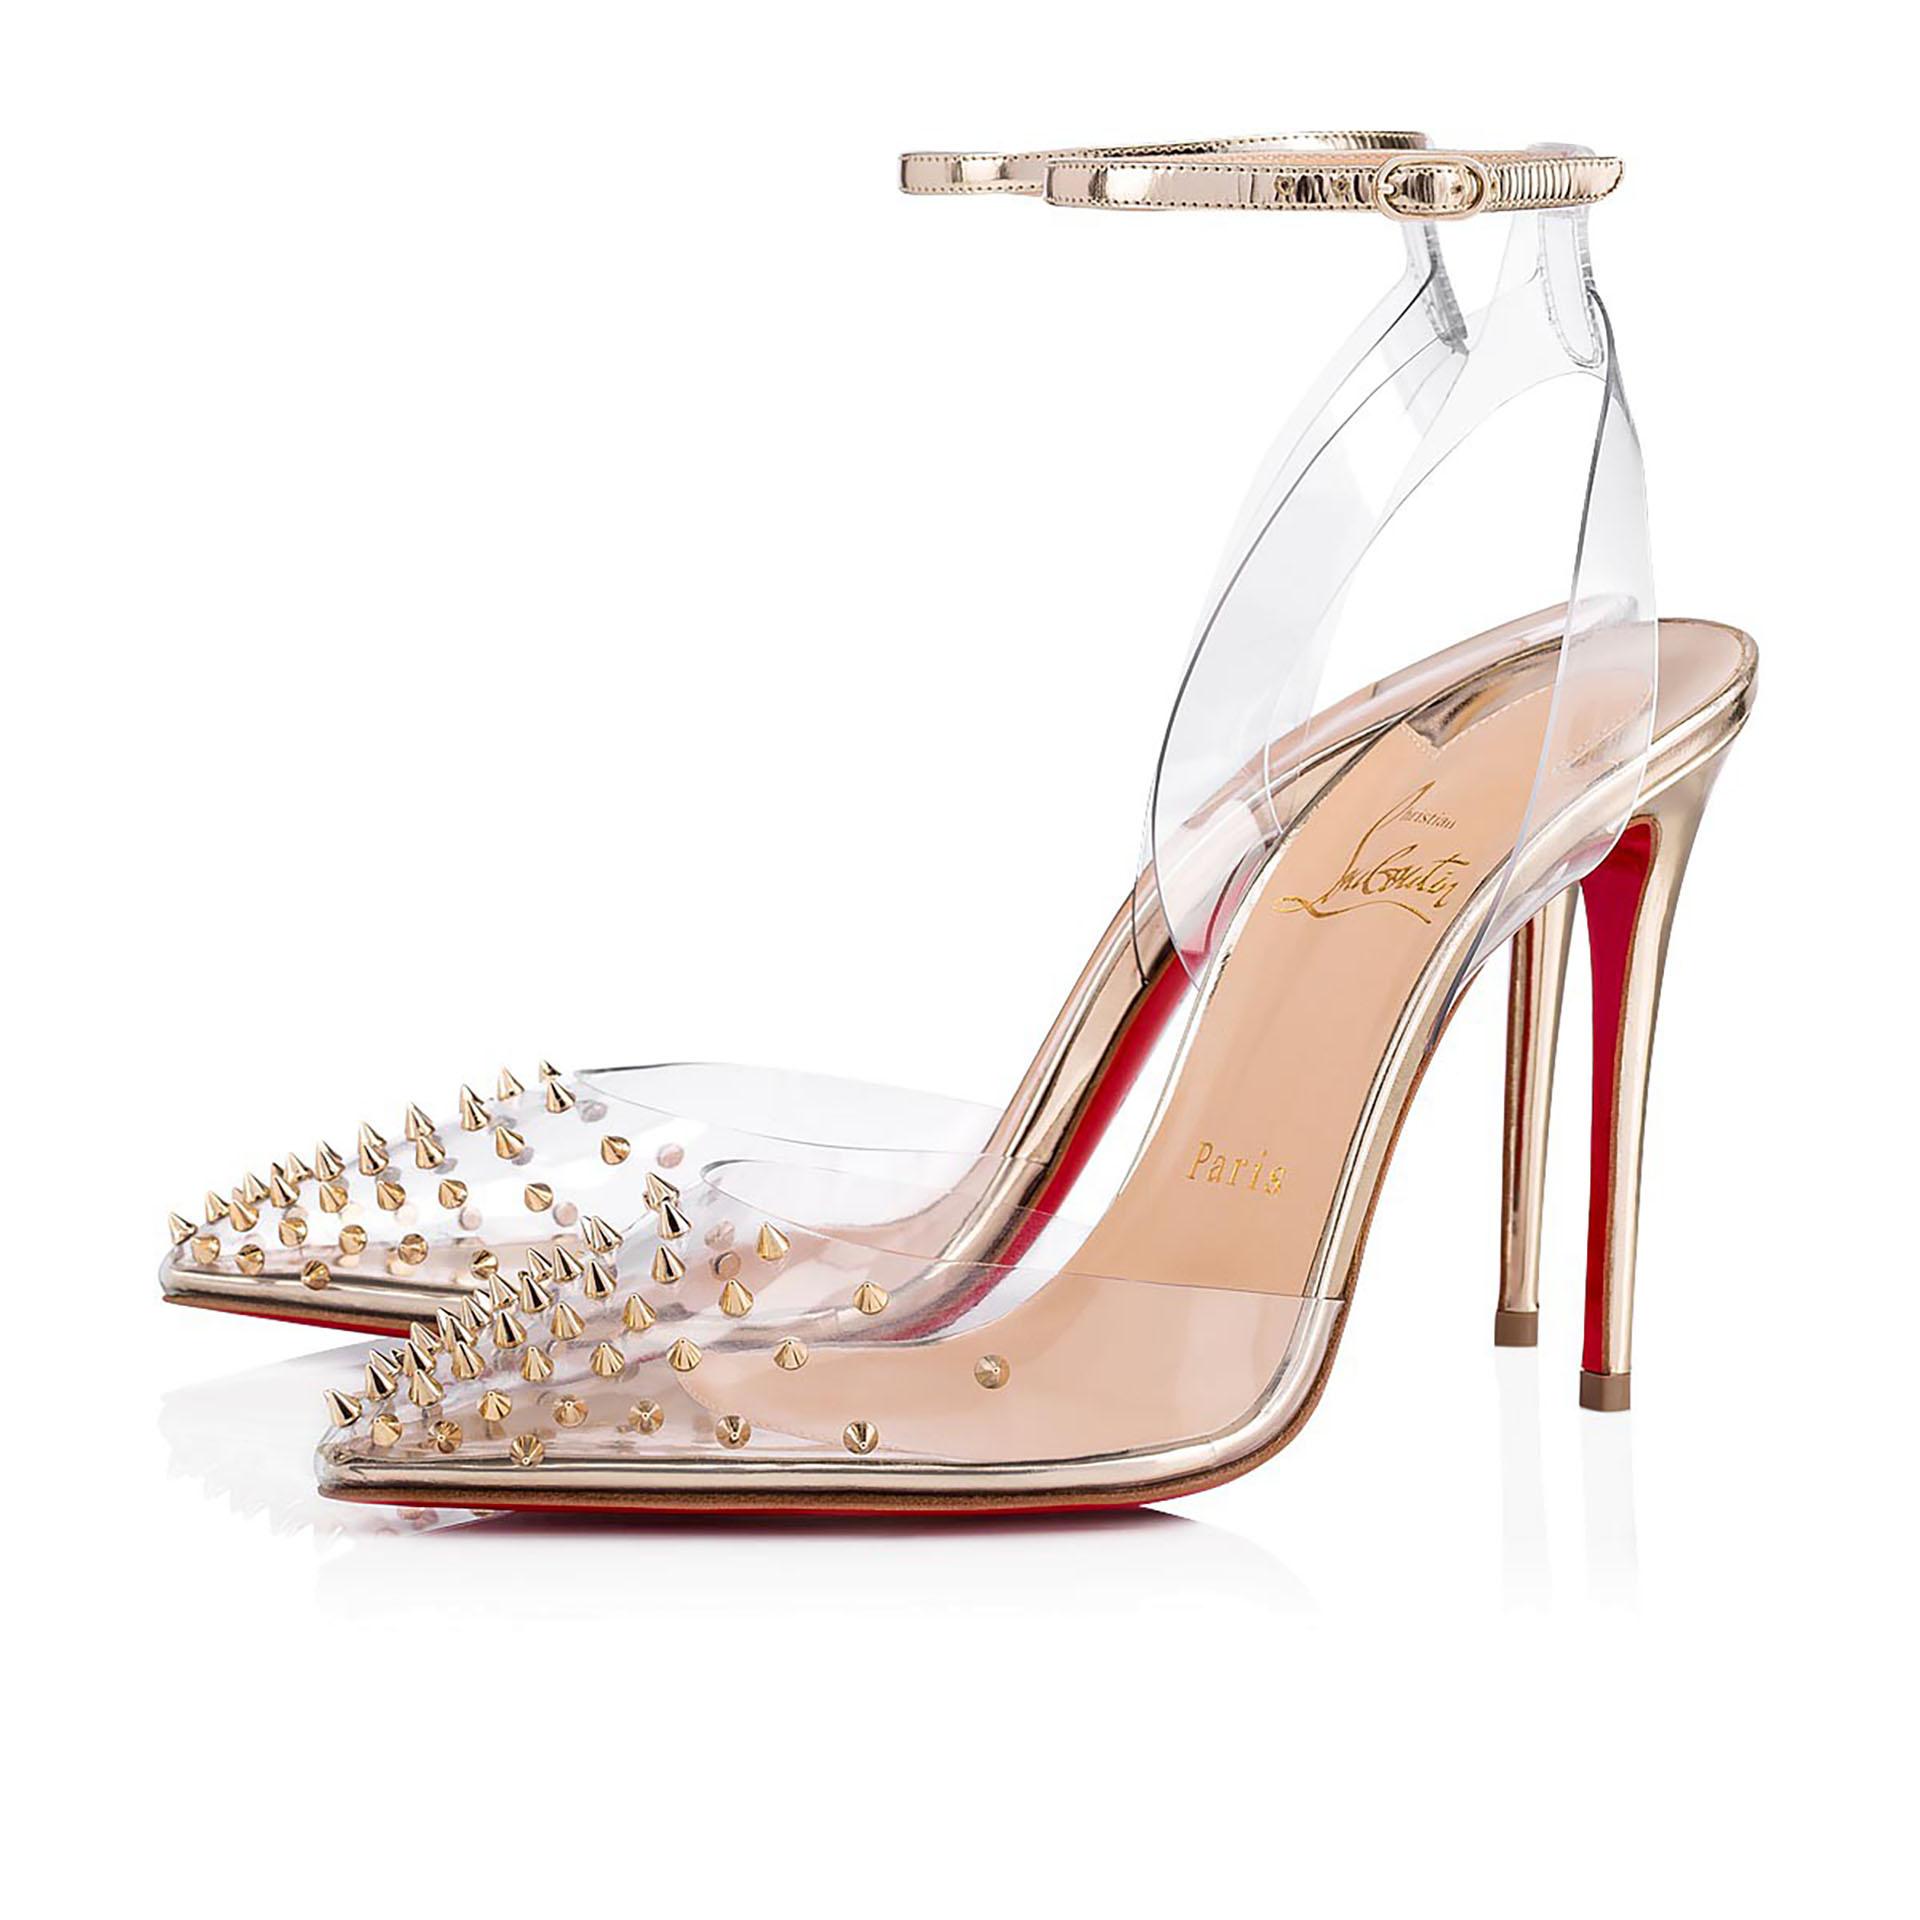 PVC, tachas y cuero dorado. Un novedoso diseño de calzado de Christian Louboutin con fina pulsera regulable. En punta y con tachas puntiagudas doradas, es uno de los últimos modelos que presentó la marca francesa en sus tiendas.